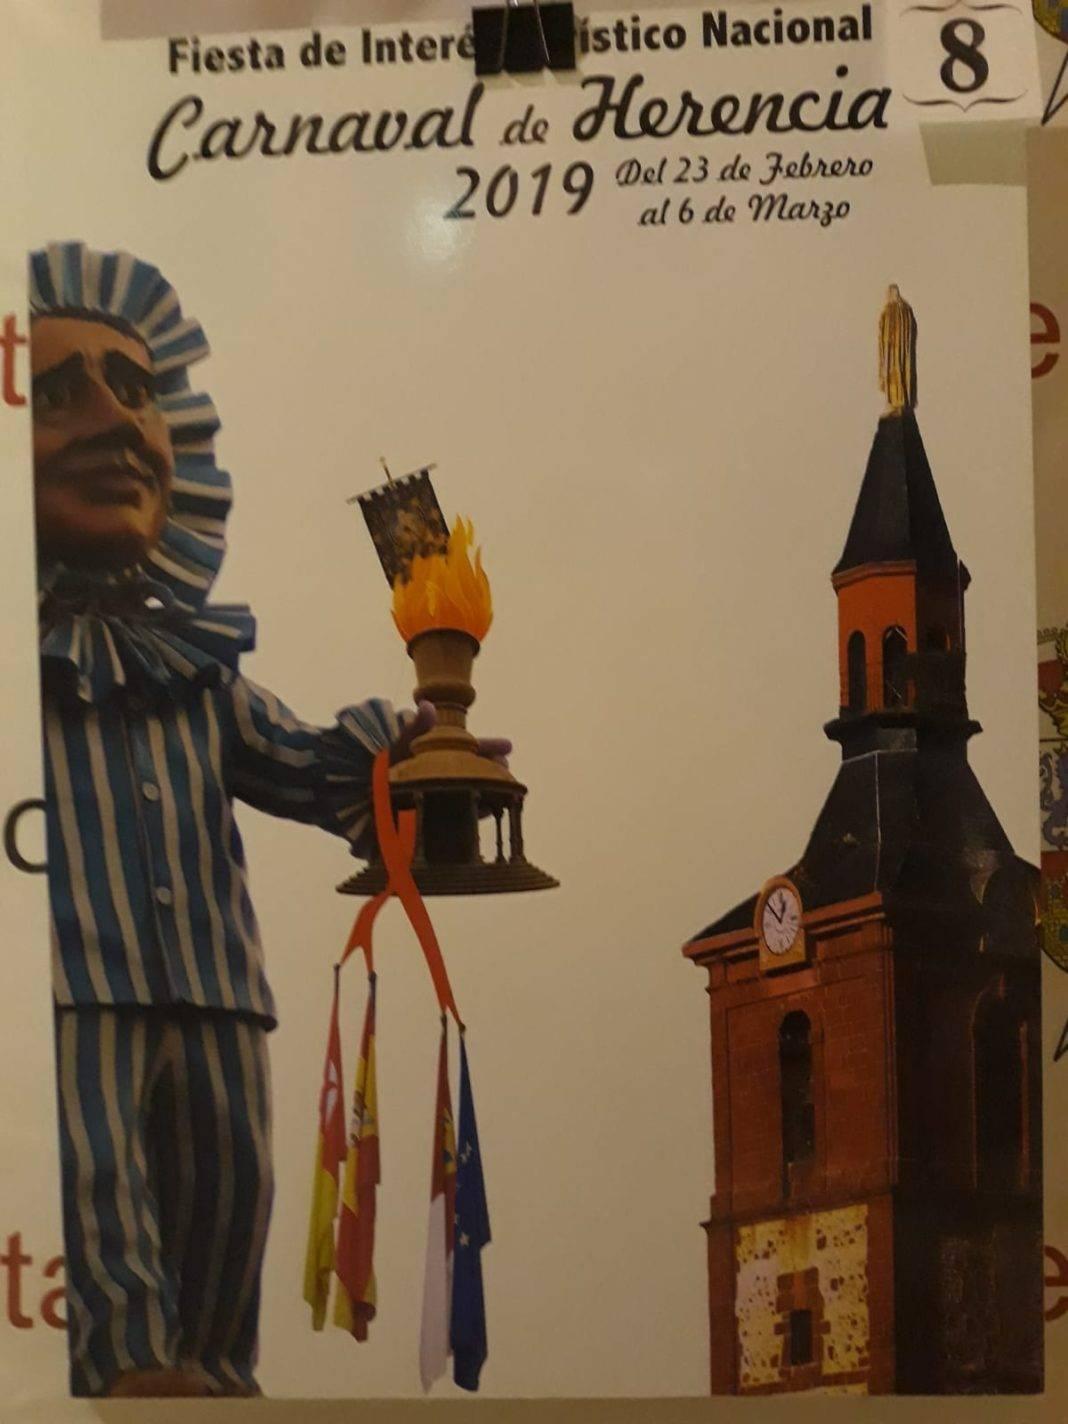 carteles carnaval de herencia 2019 eleccion 8 1068x1424 - Elige el cartel de Carnaval de Herencia 2019 que más te gusta...